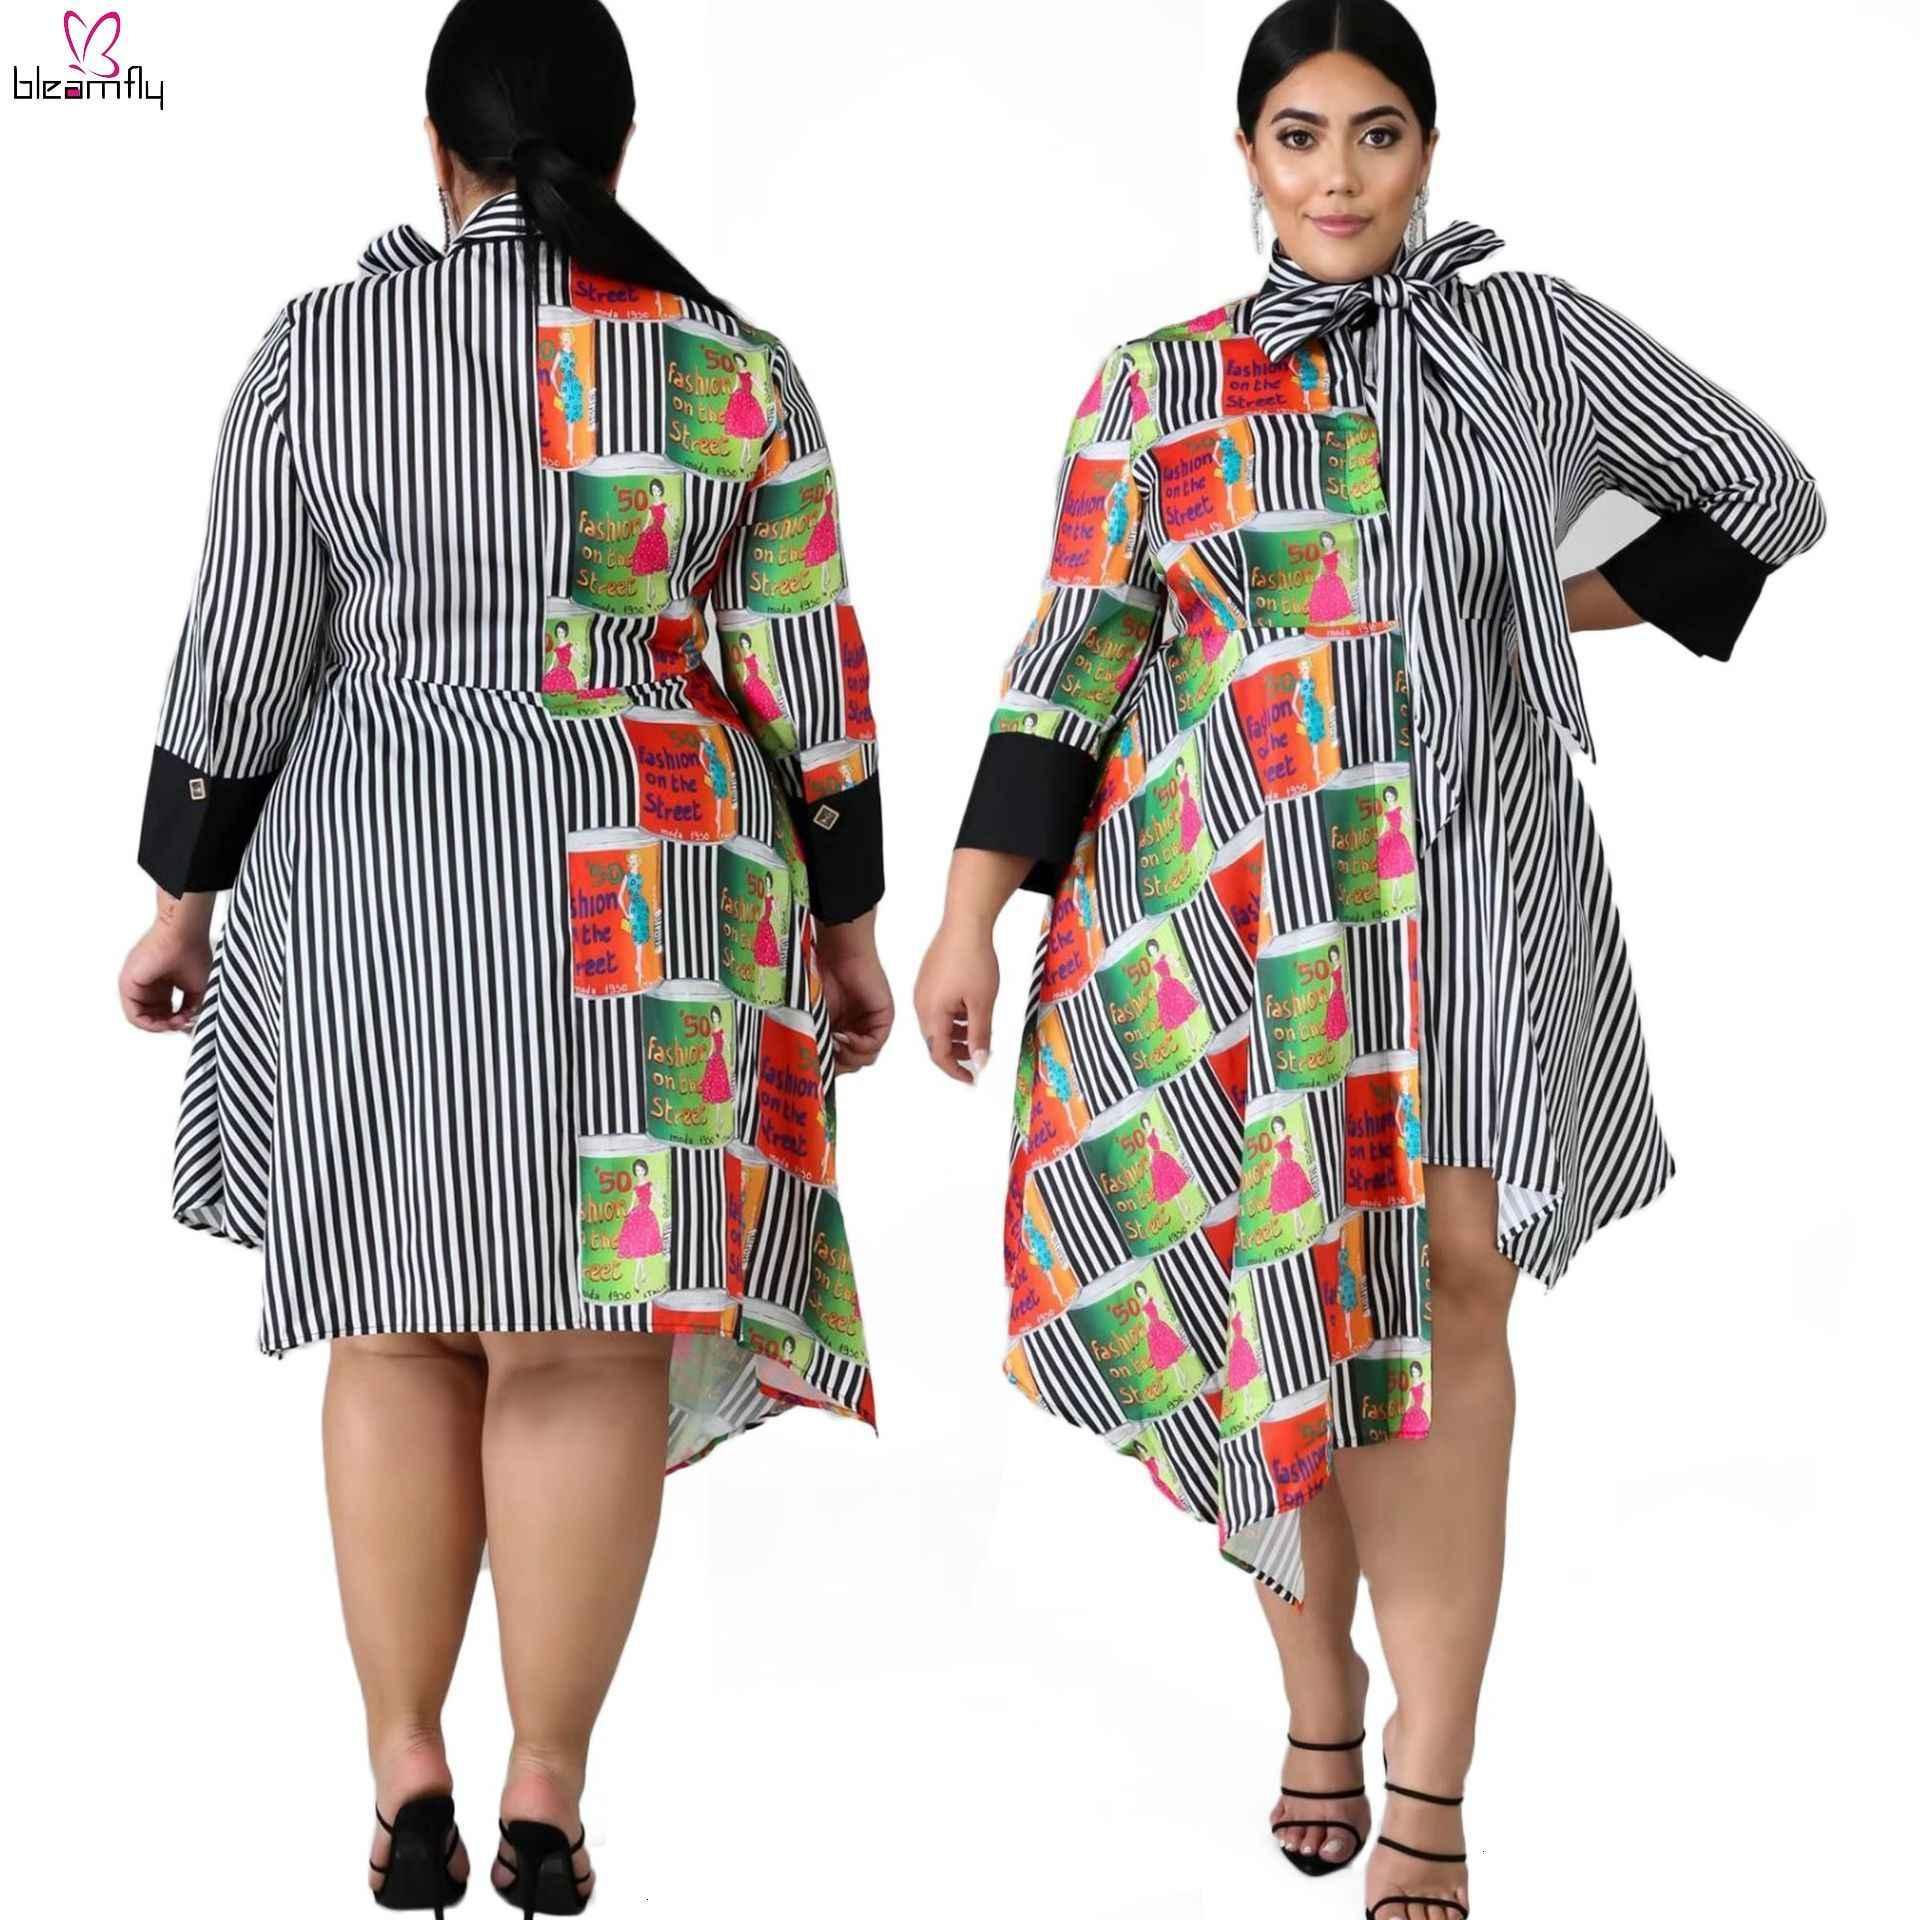 5XL 6XL vestido africano de talla grande para mujer Vestido de manga larga con cuello de lazo vestido de rayas con estampado de retazos Vestidos asimétricos ropa